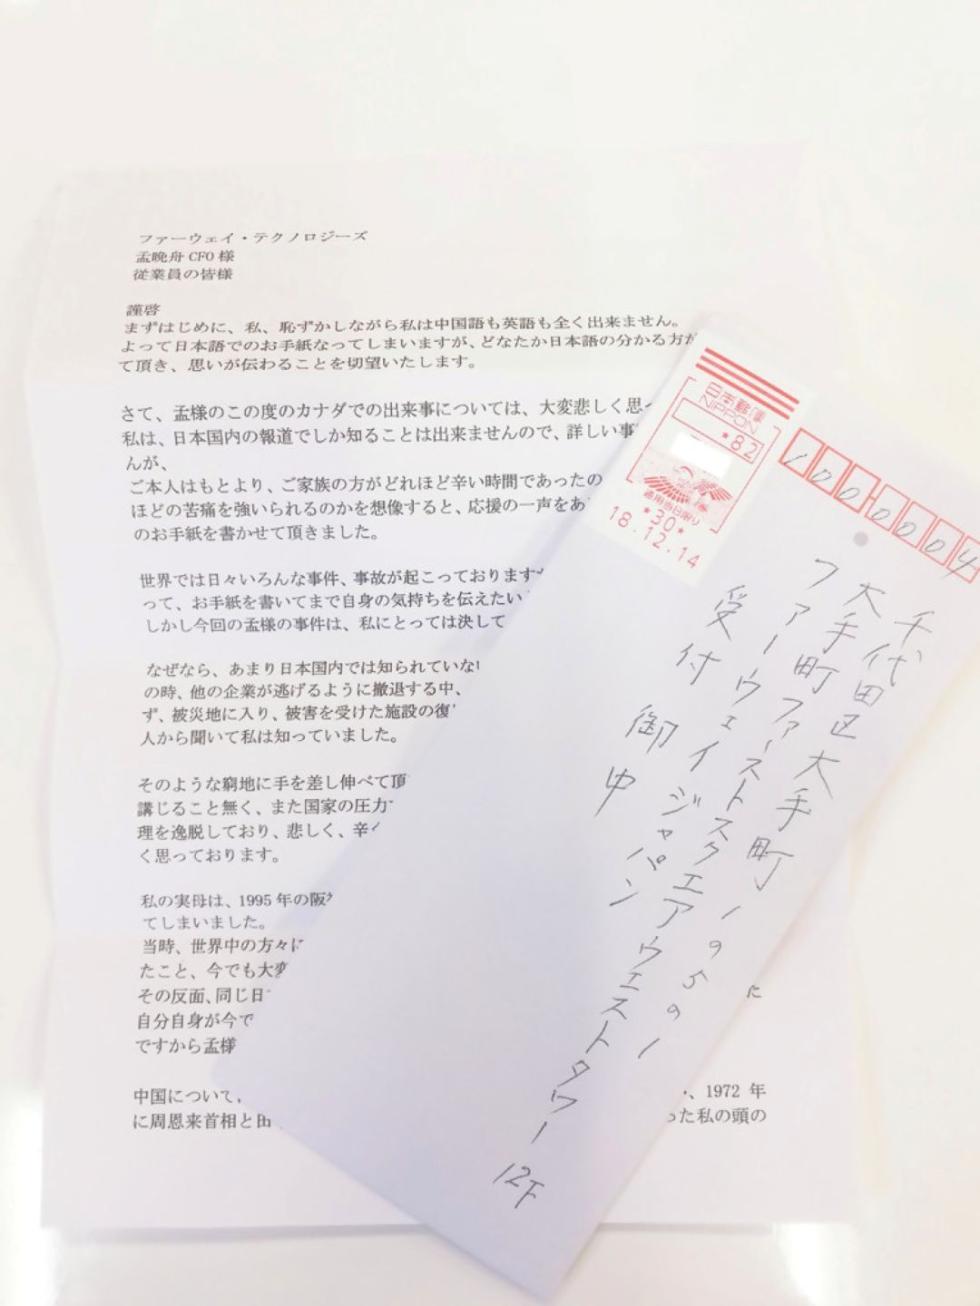 经北京日报记者求证,这封信是12月17日华为公司日本代表处所收,寄信人是一名普通的东京市民。为保护对方个人隐私,华为方面没有透露寄信人的真实姓名,寄信人在信中自称是日本一家小型企业的负责人。